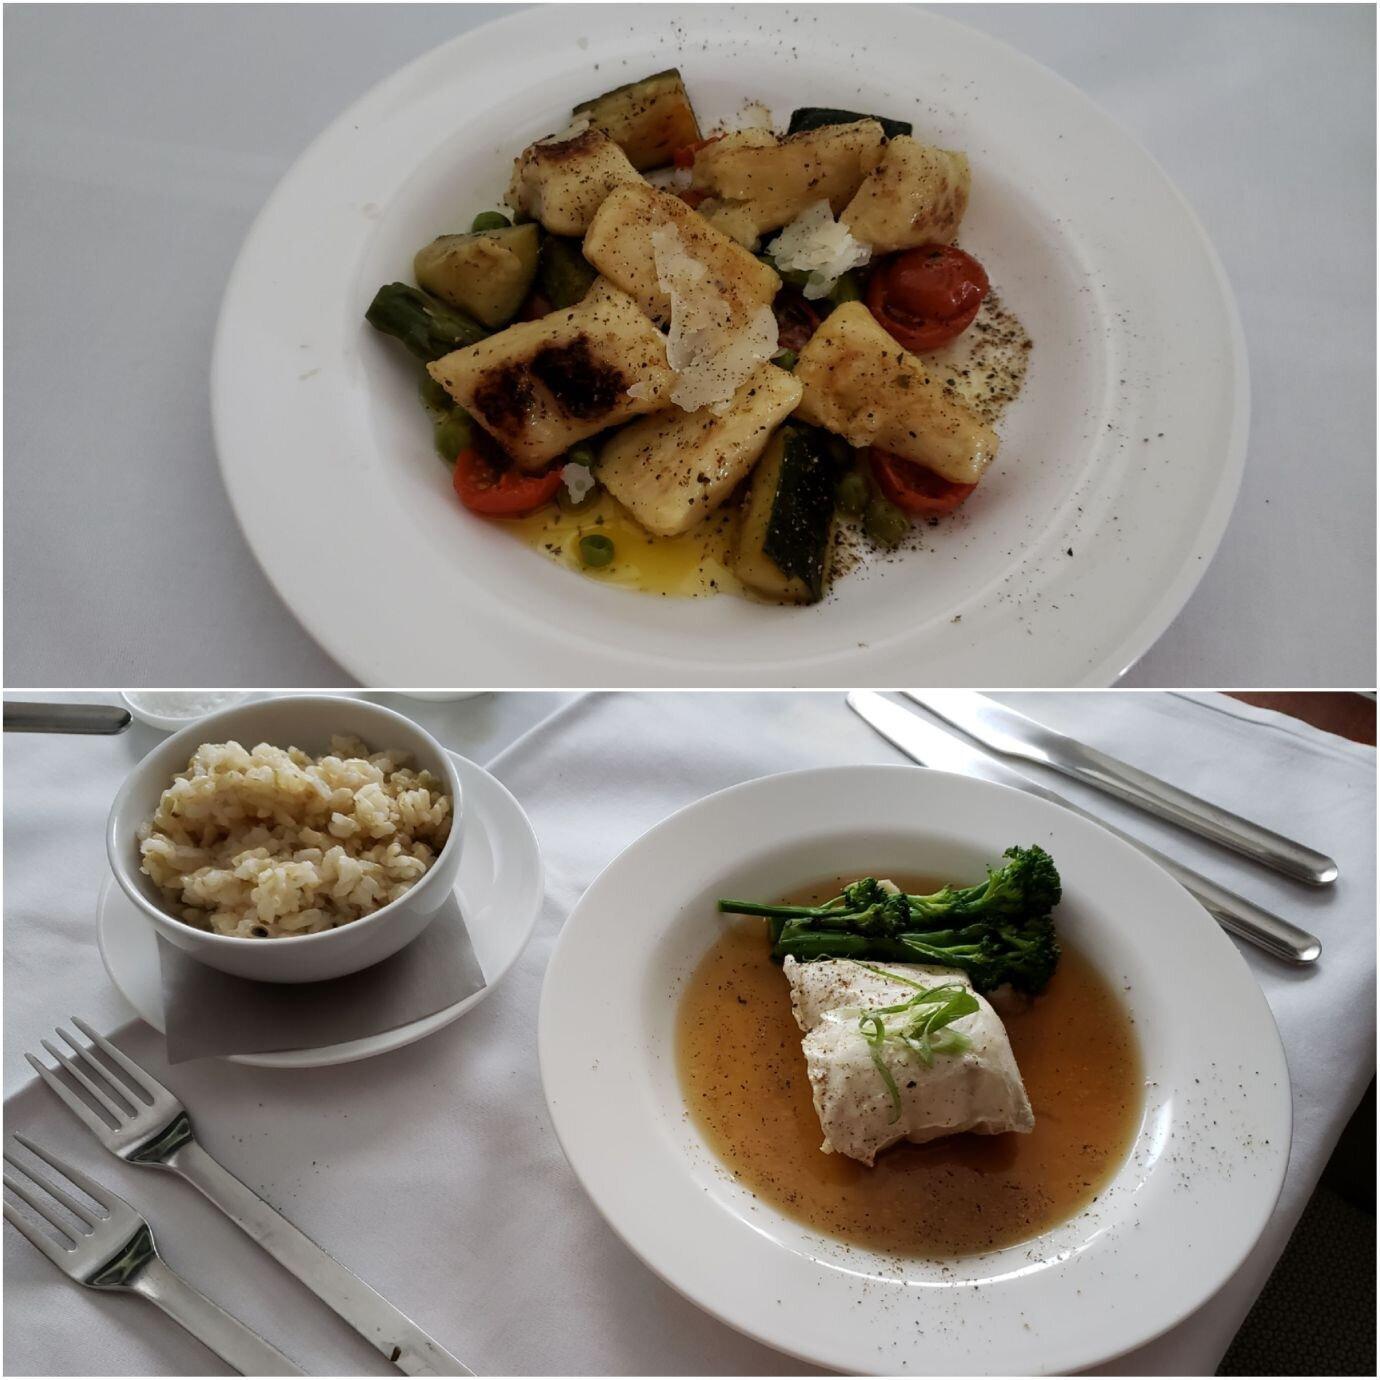 主菜我點的是義大利式的麵團 (Gnocchi)(上圖),老婆則是點了蒸魚料理加上一晚糙米飯(下圖)